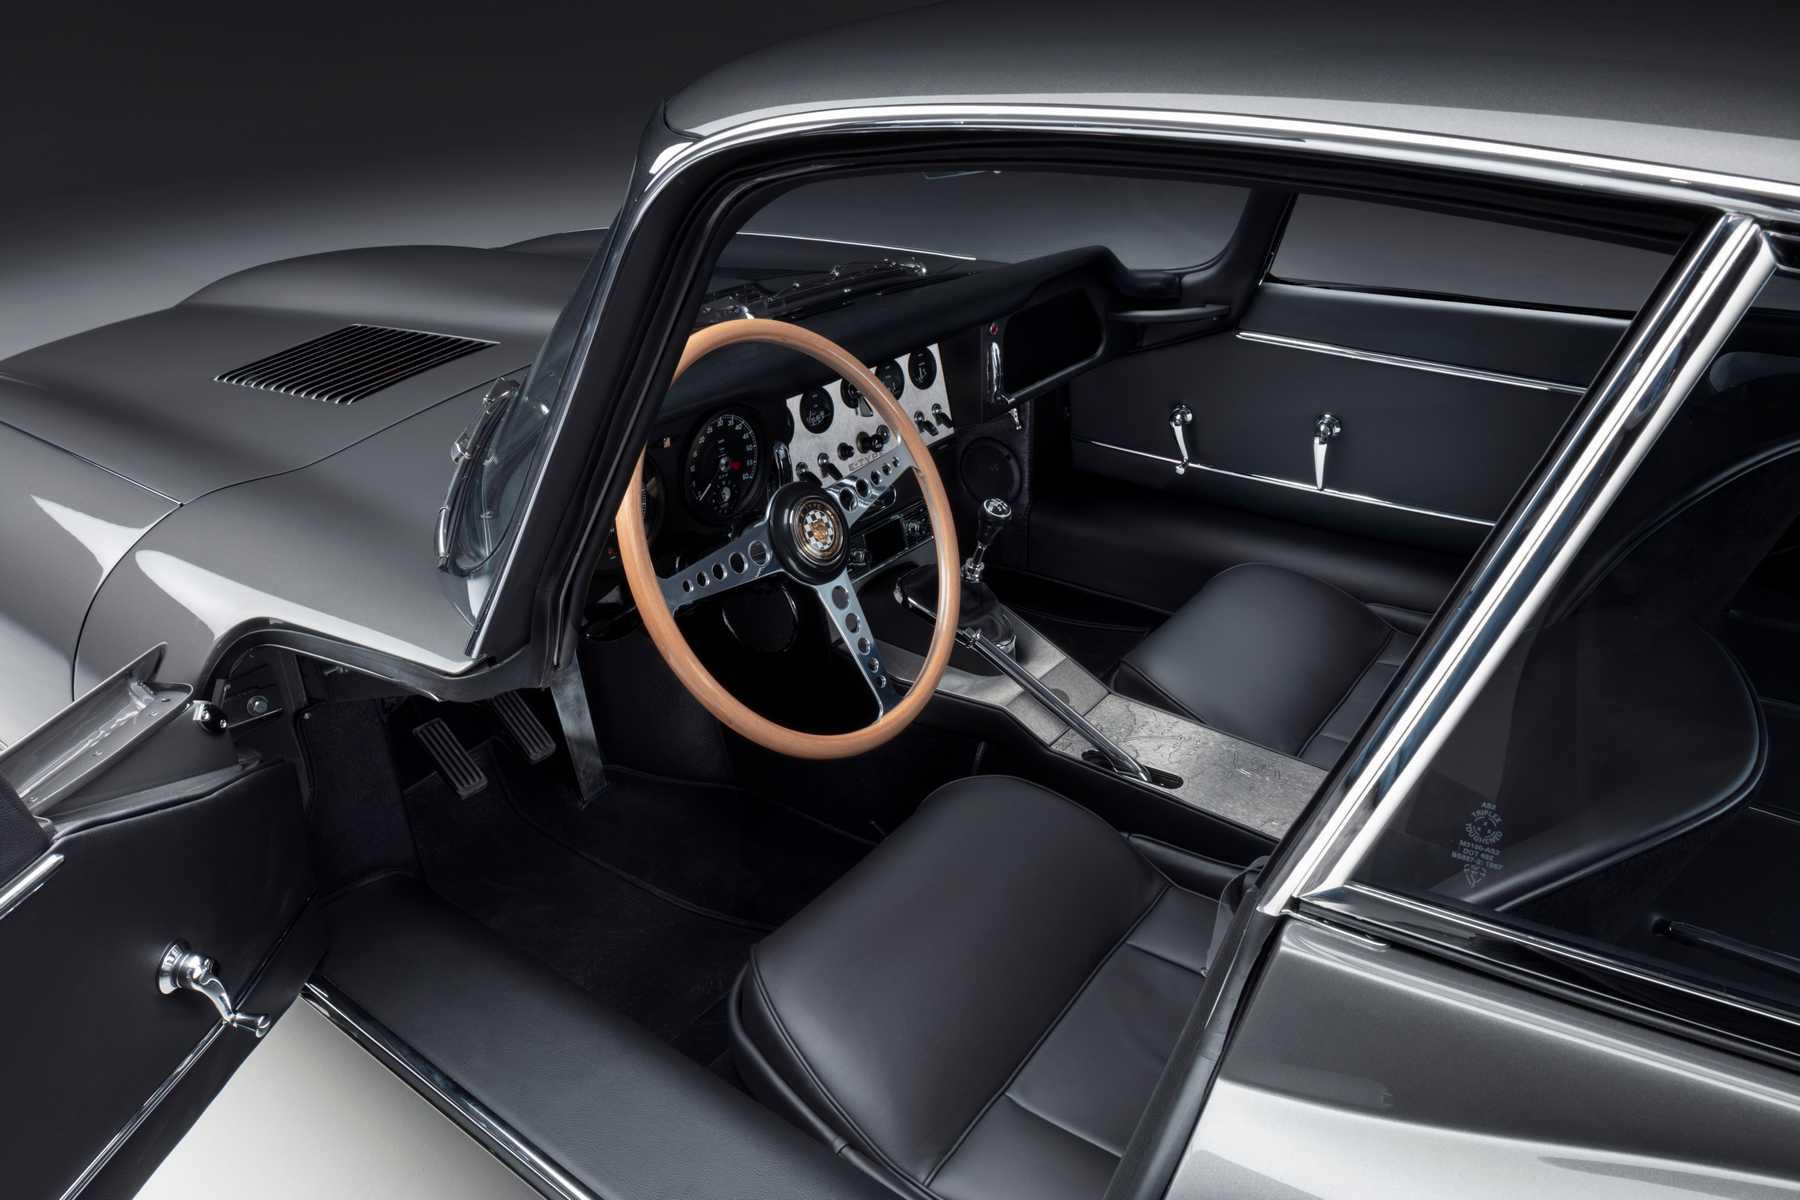 L'interno della Jaguar E coupé restaurata per il  60.mo anniversario del modello